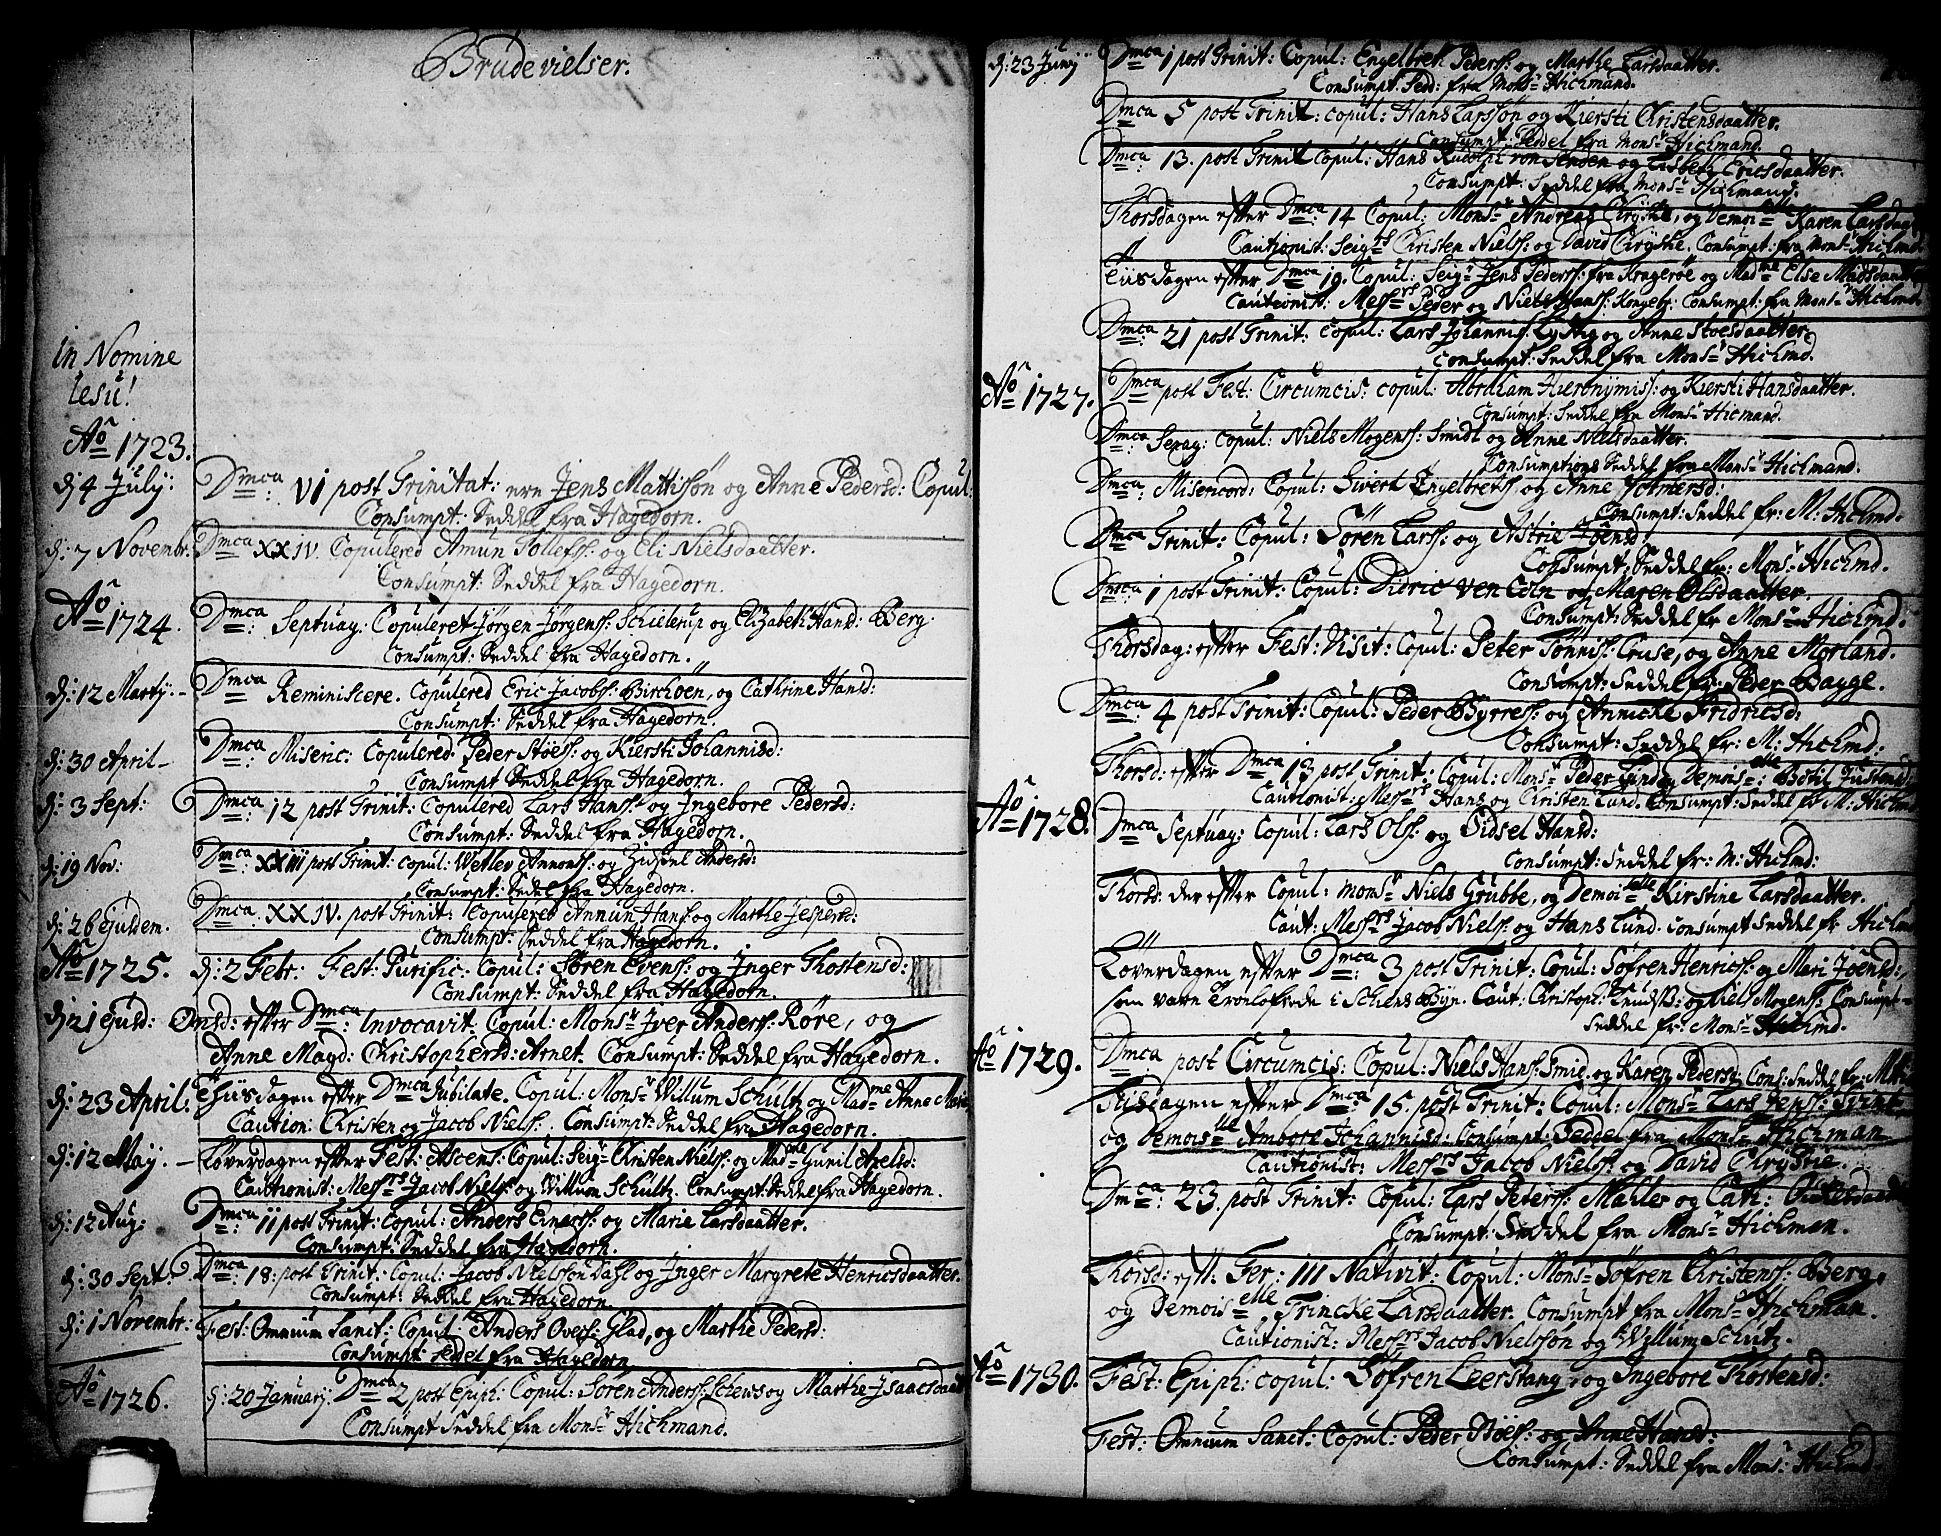 SAKO, Brevik kirkebøker, F/Fa/L0002: Ministerialbok nr. 2, 1720-1764, s. 13